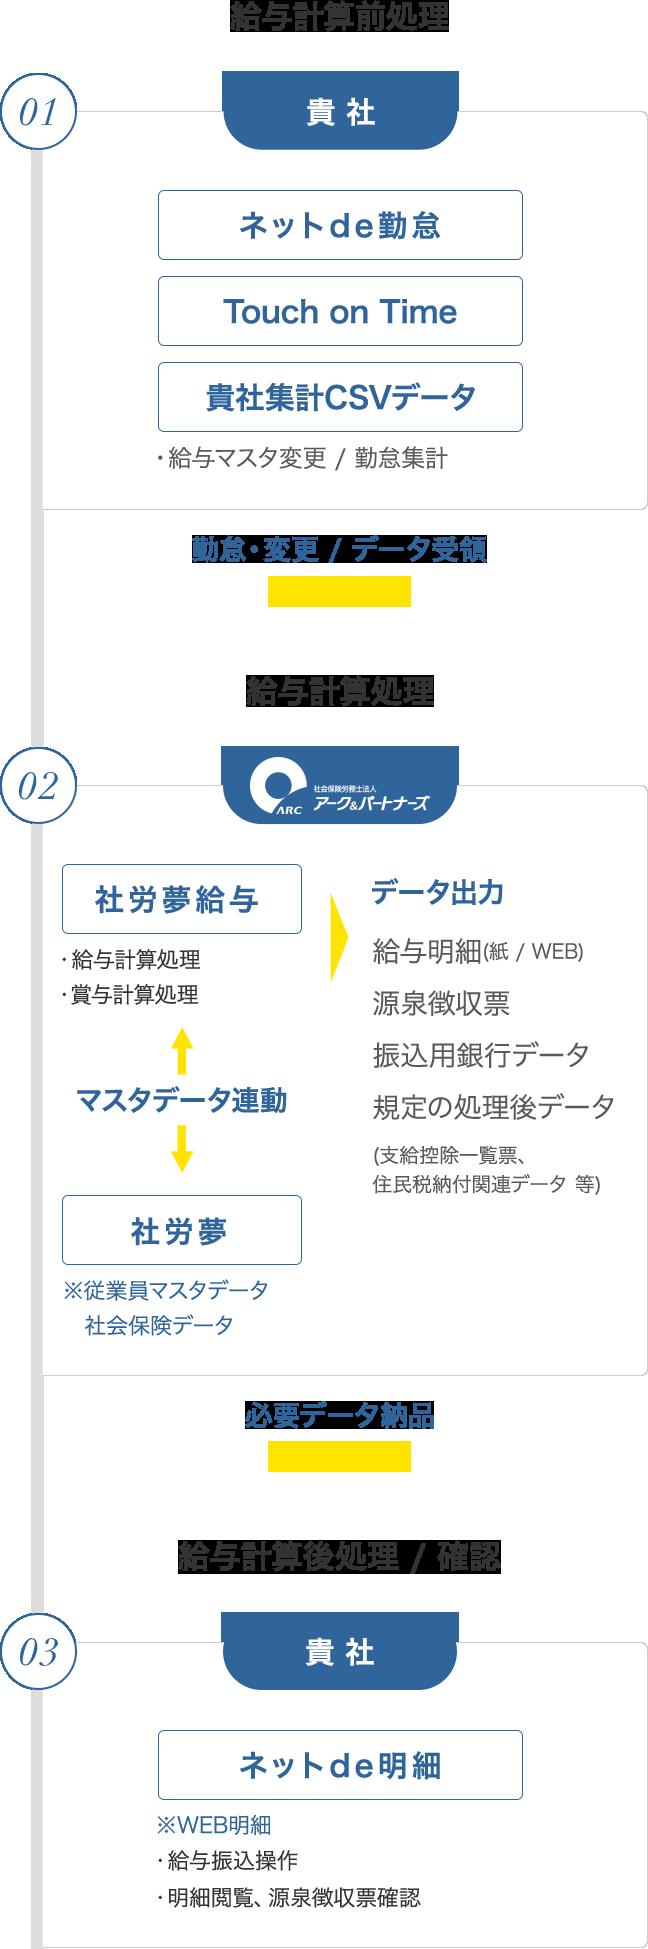 徴収 顧問 源泉 票 de ネット